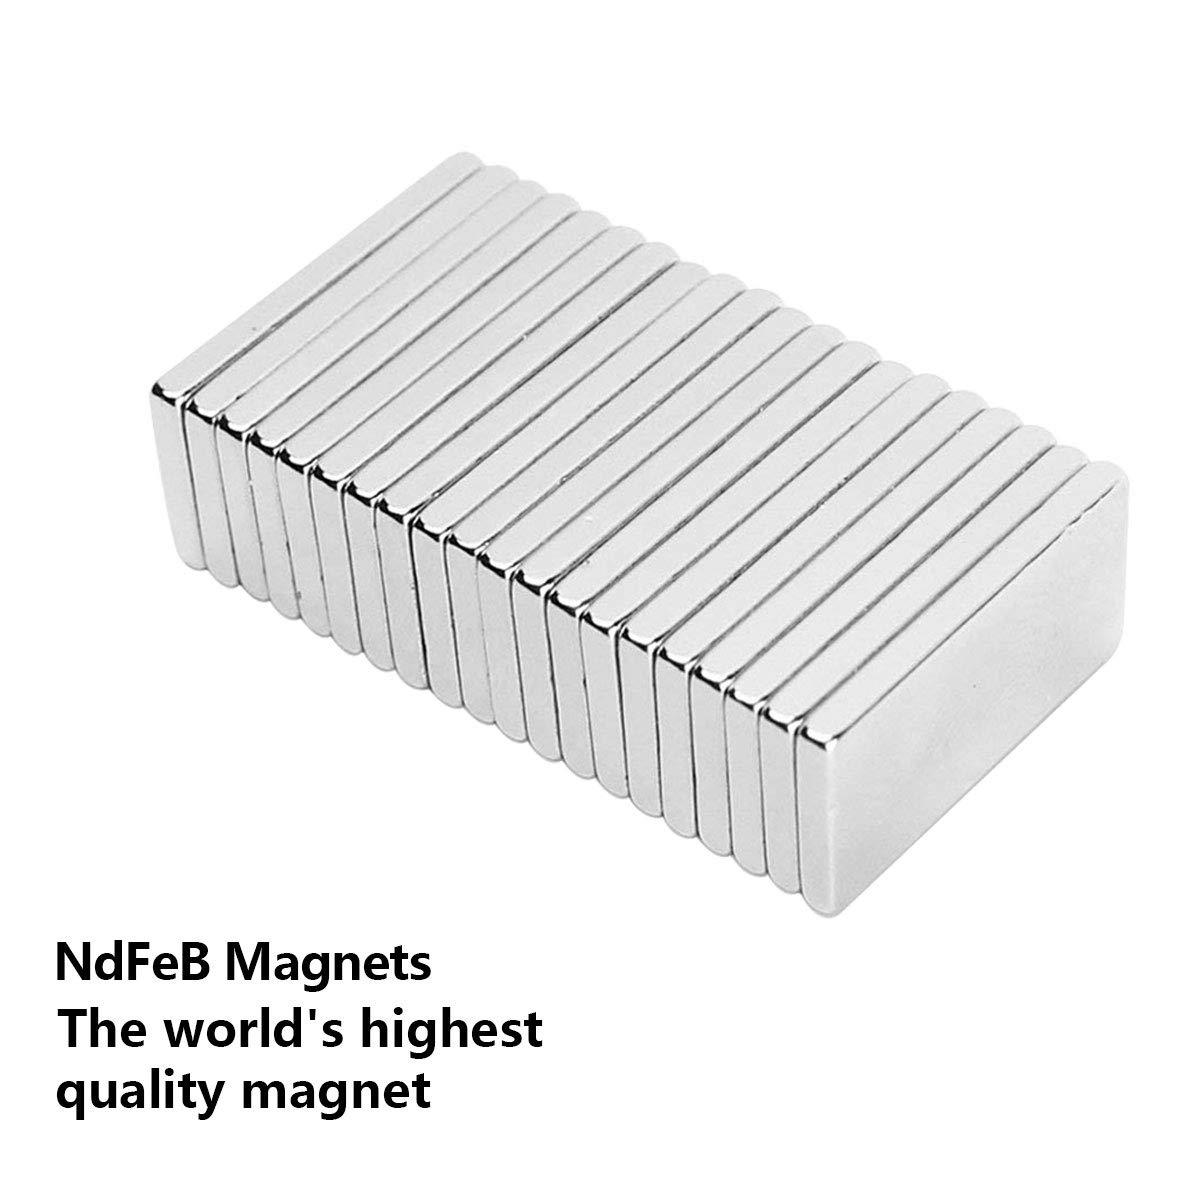 20X10X2mm 40PC Im/án de Neodimio,Super fuerte rect/ángulo im/án de tierras raras,Para la cocina 40PC Experimentos cient/íficos,dise/ño de DIY oficina